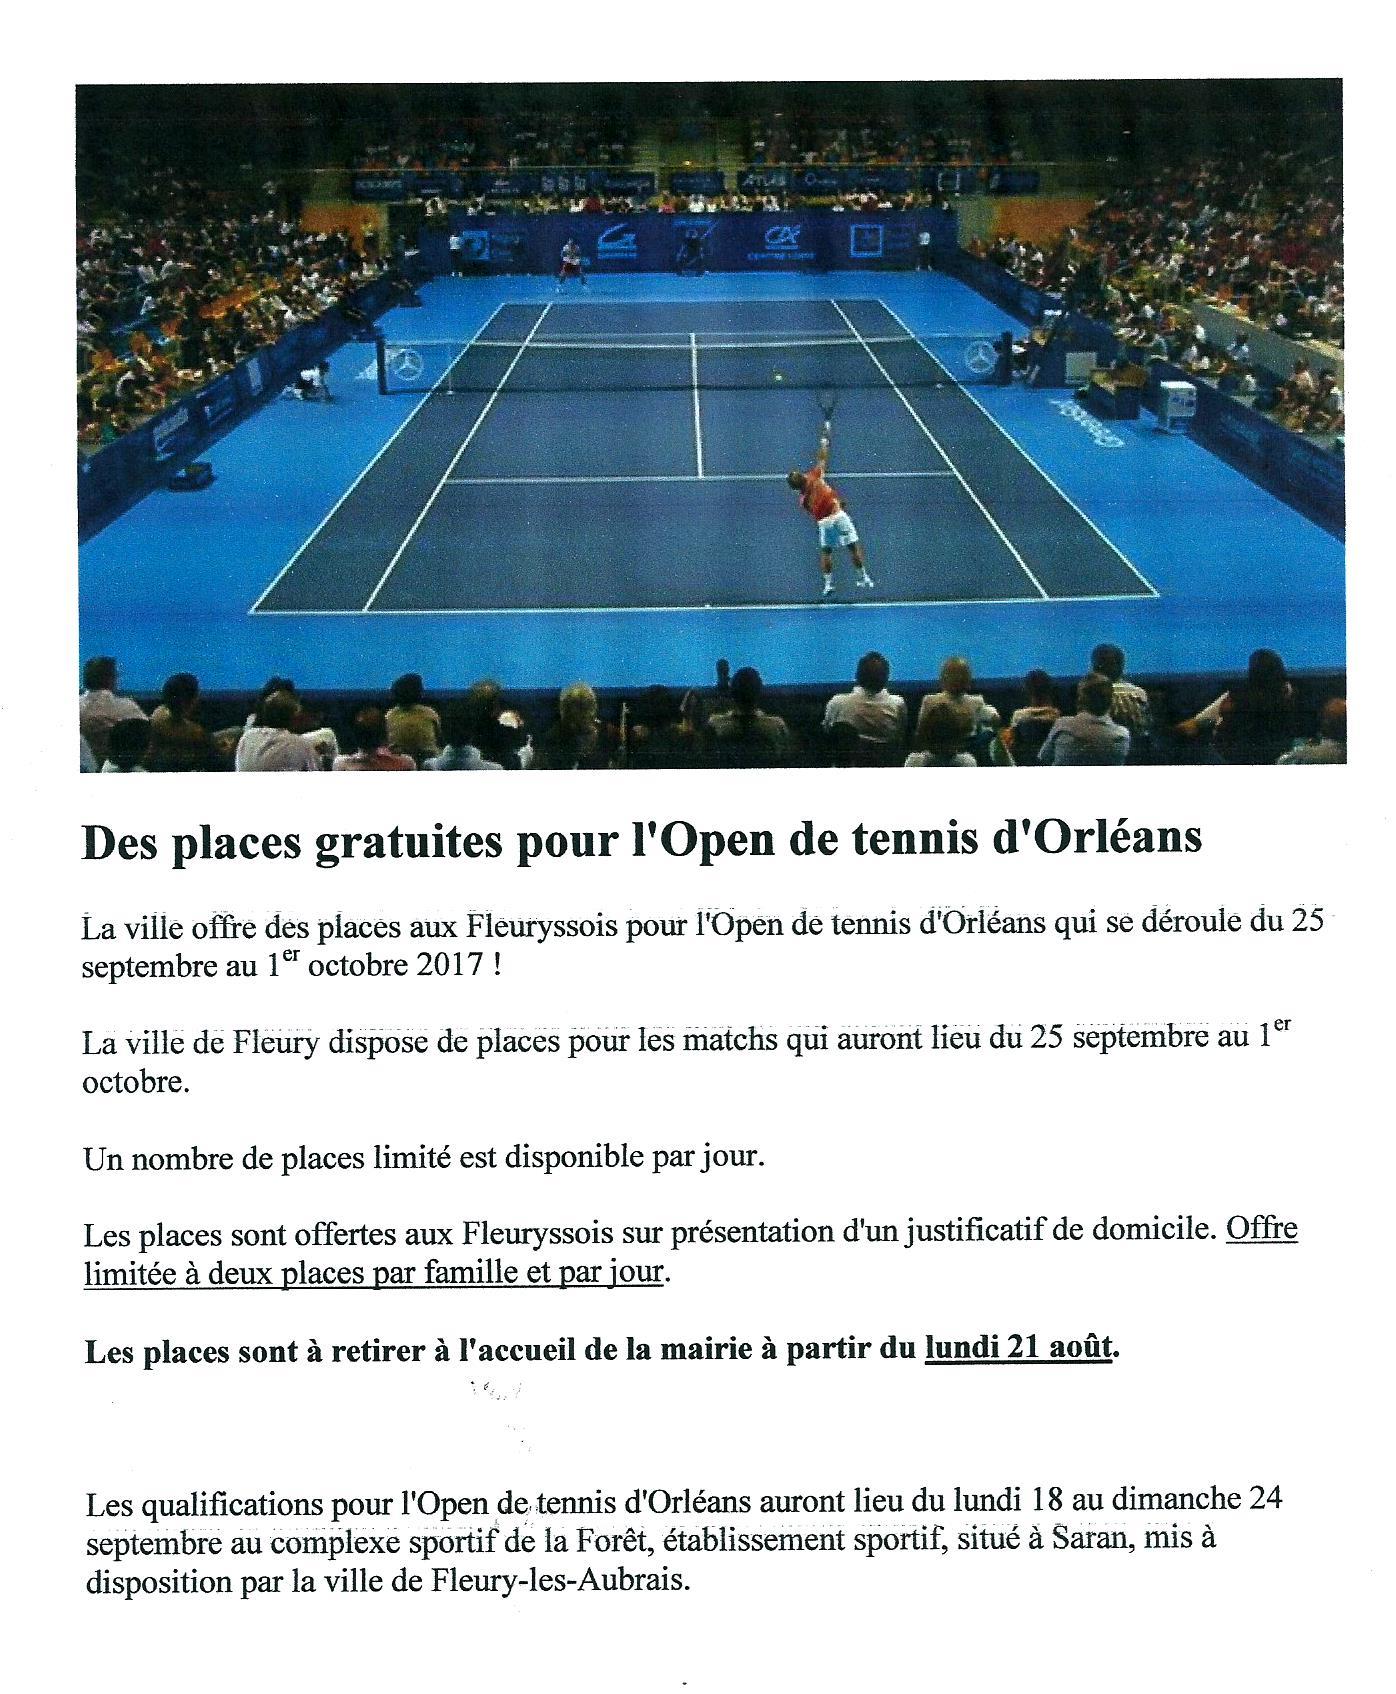 Scan Des places gratuites pour l'Open de Tennis d'Orléans 2017 .jpg